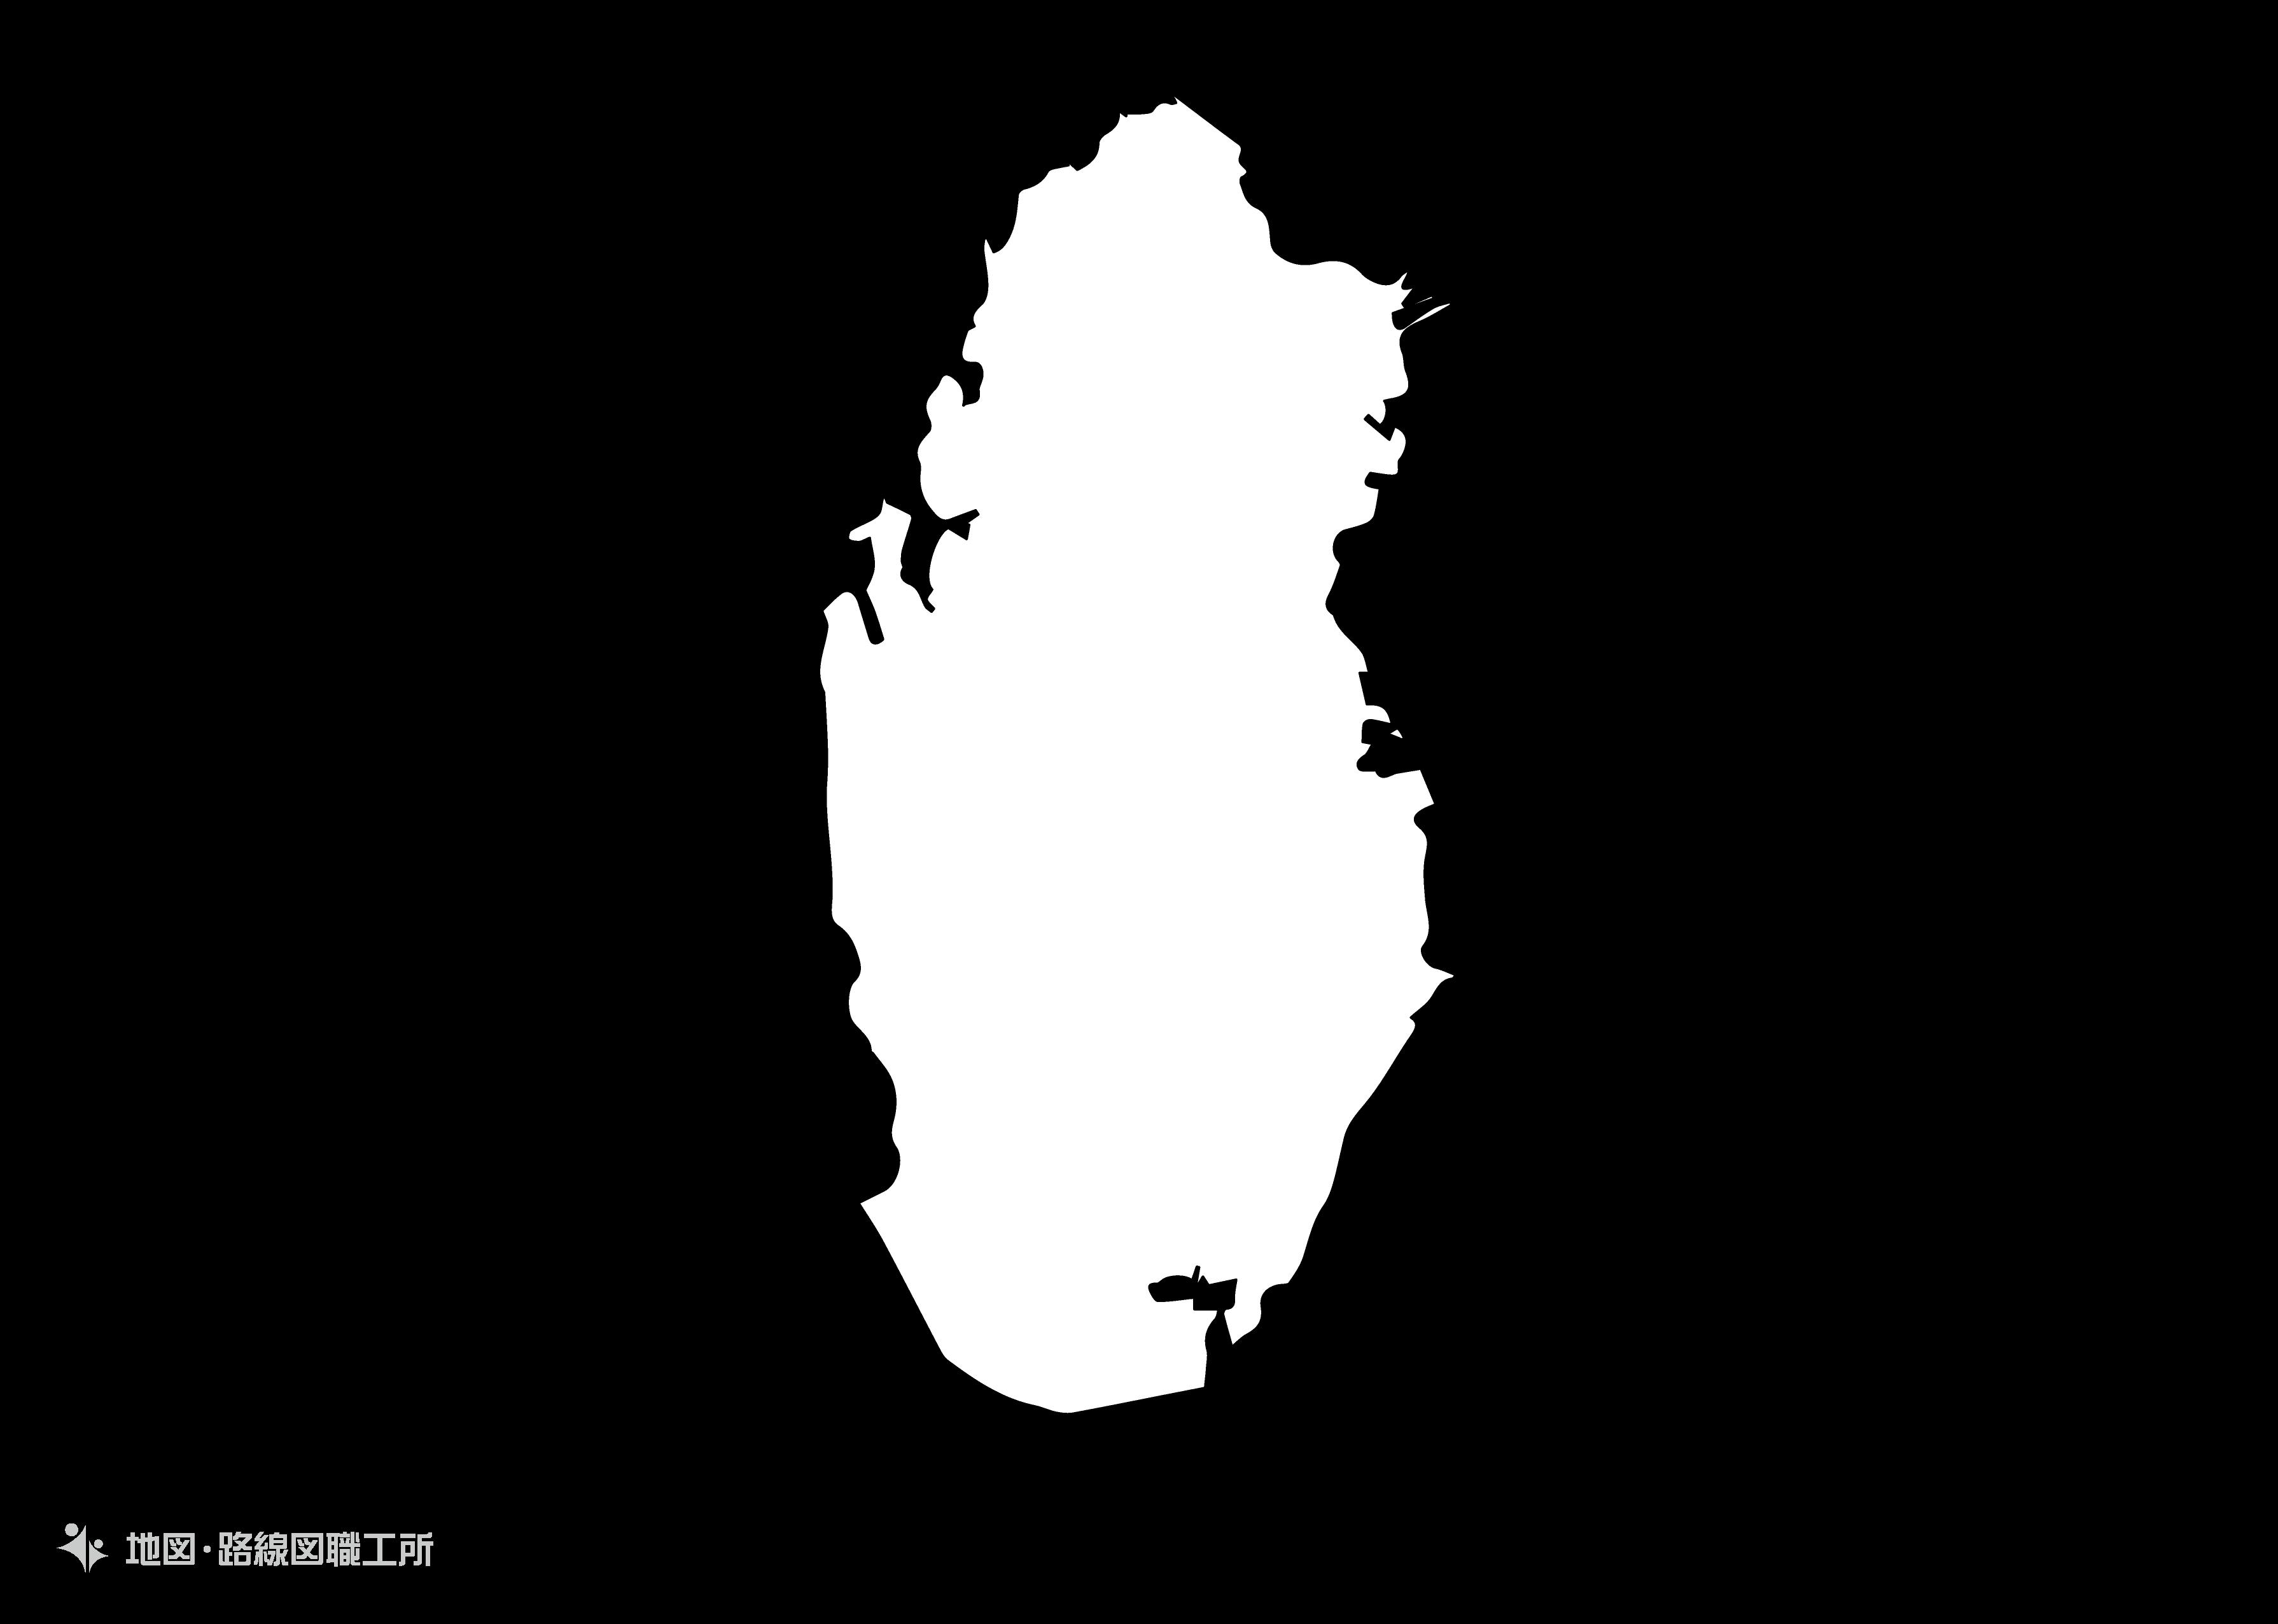 世界の白地図 カタール国 state-of-qatar map